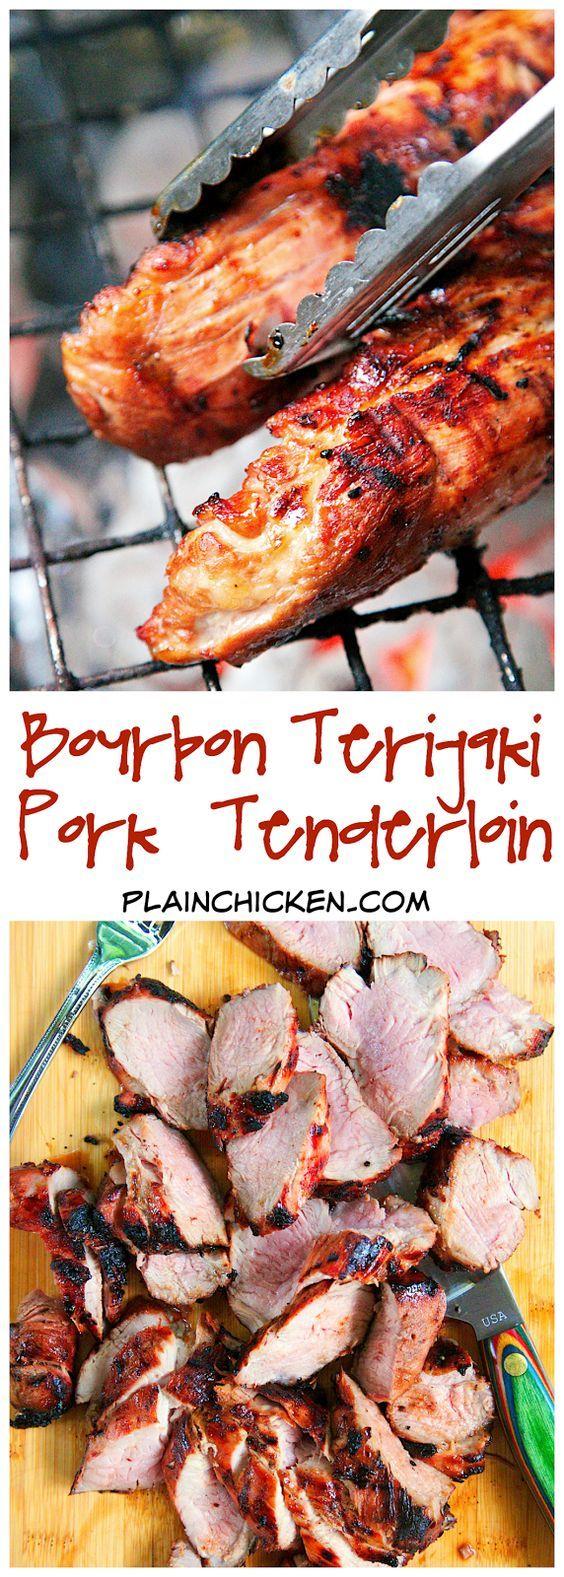 Bourbon Teriyaki Pork Tenderloin